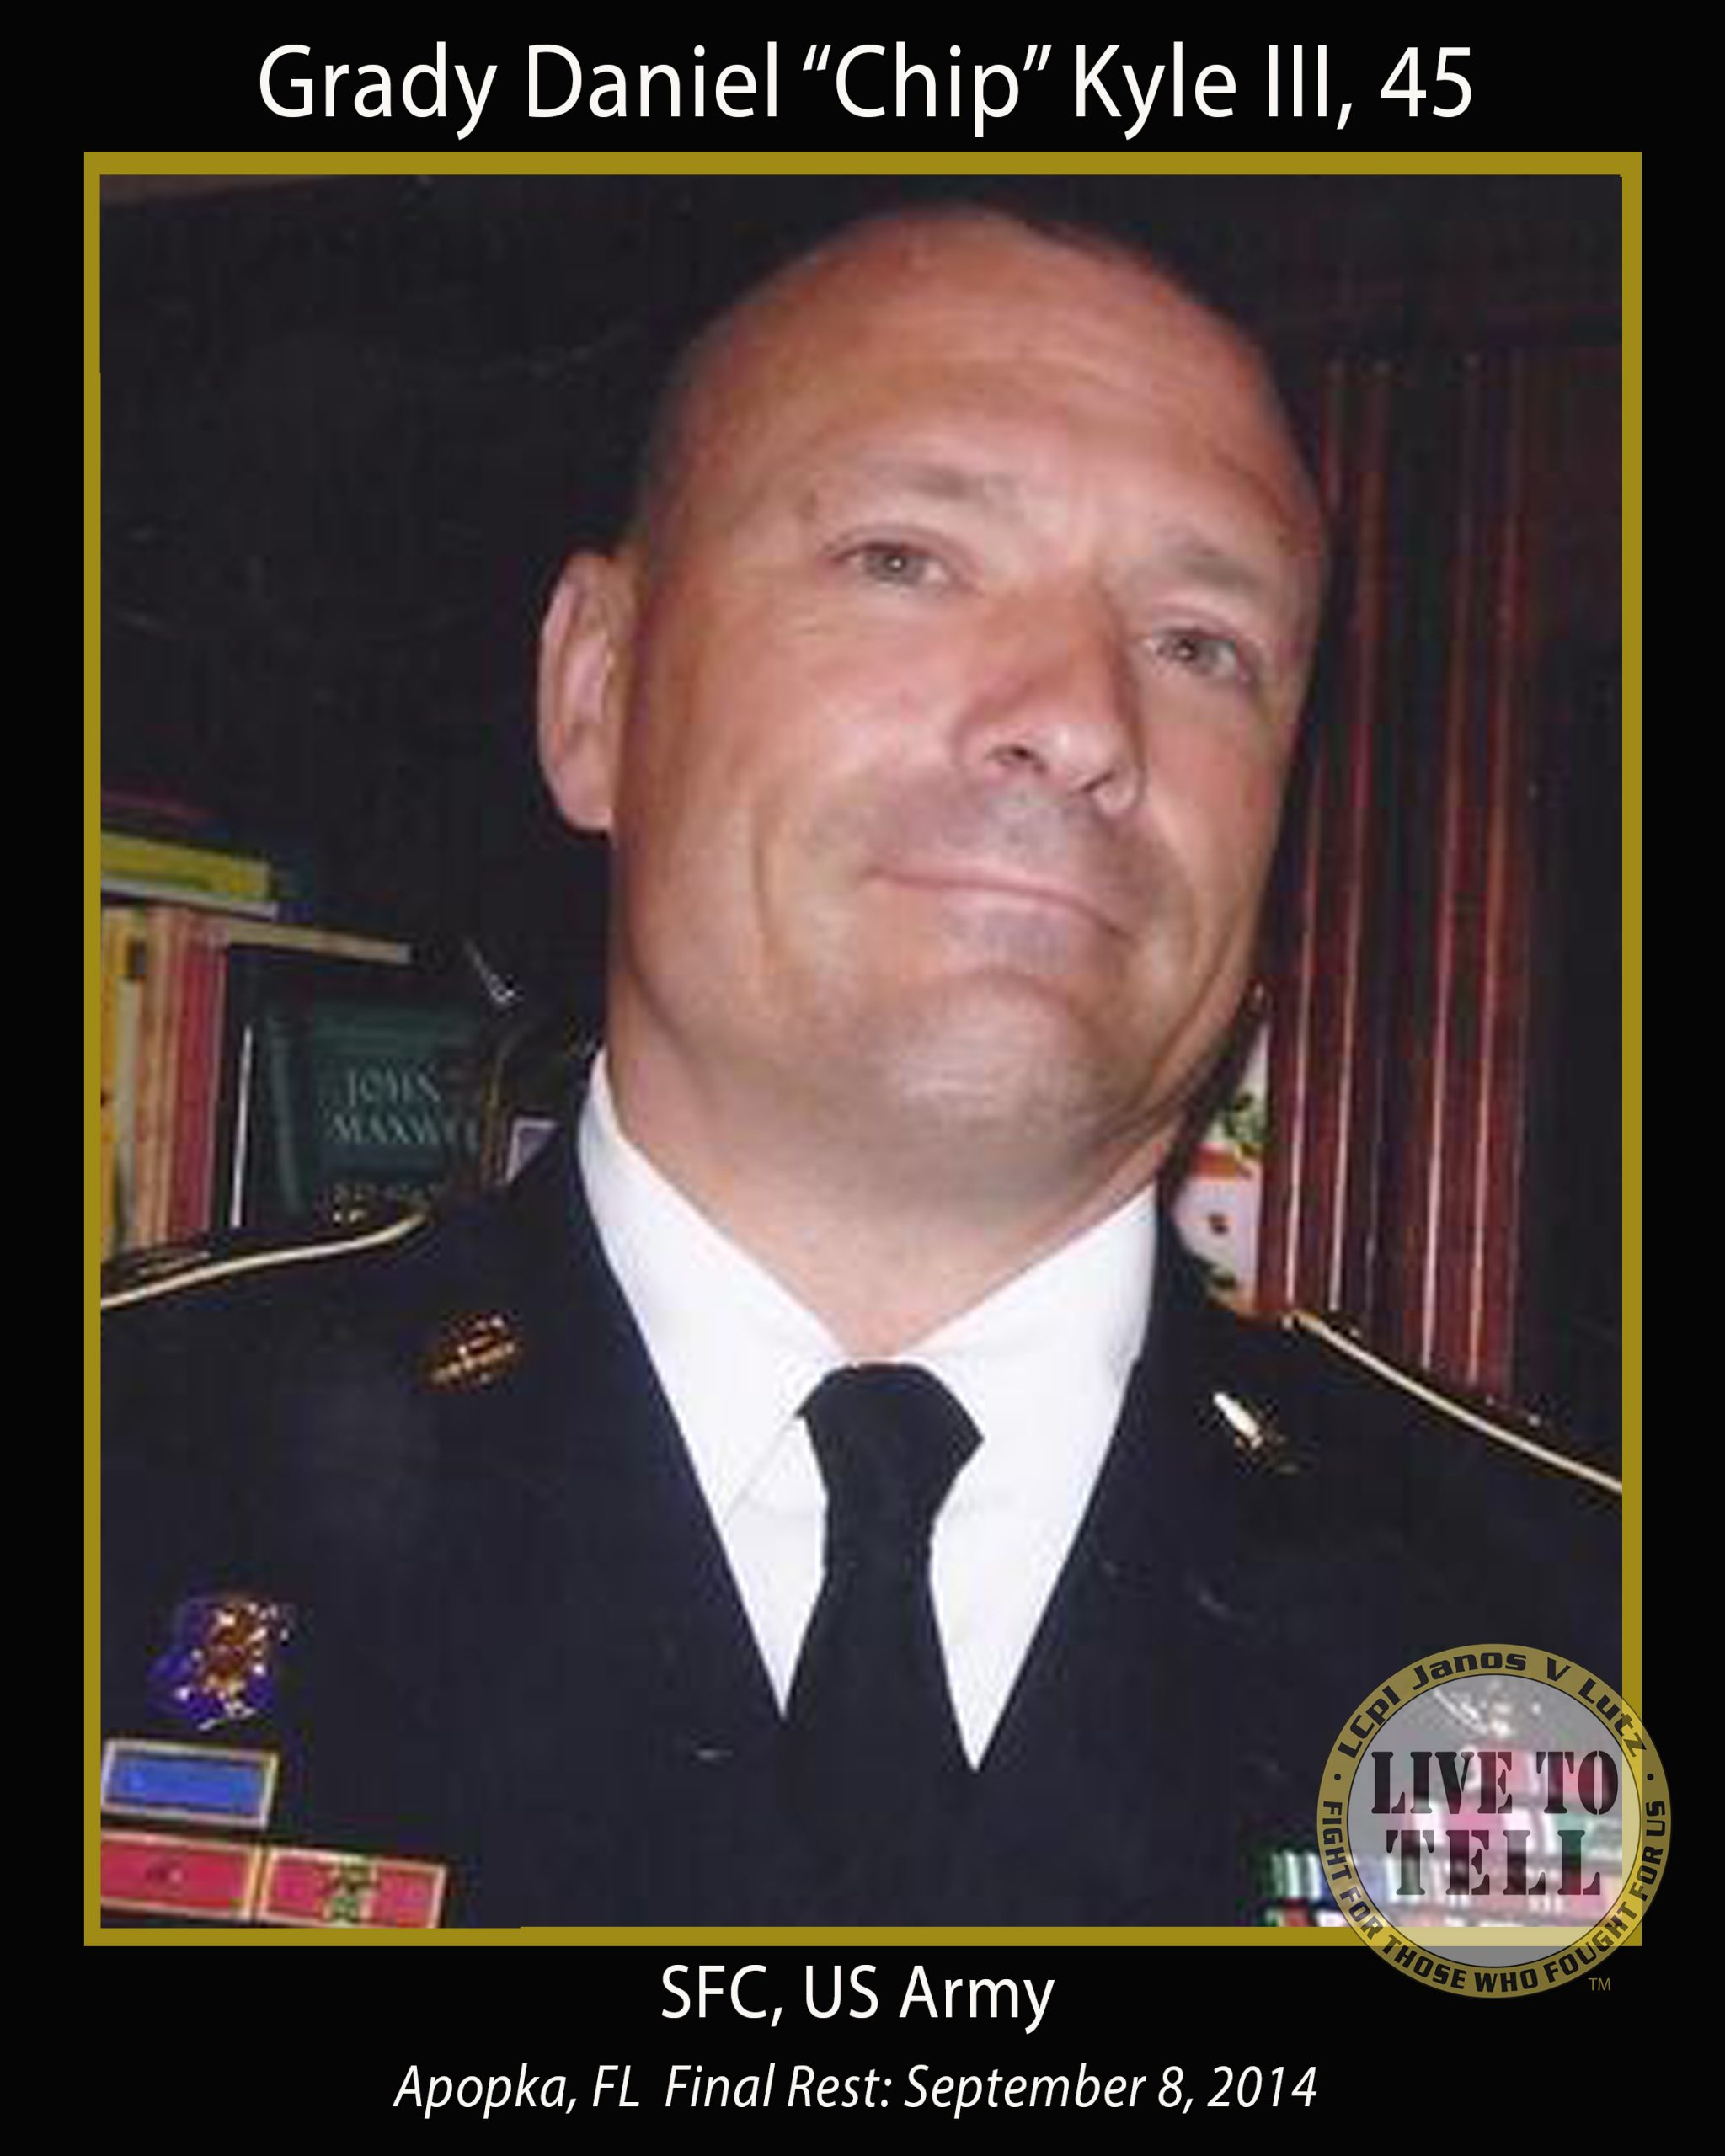 Grady Daniel Kyle III, 45